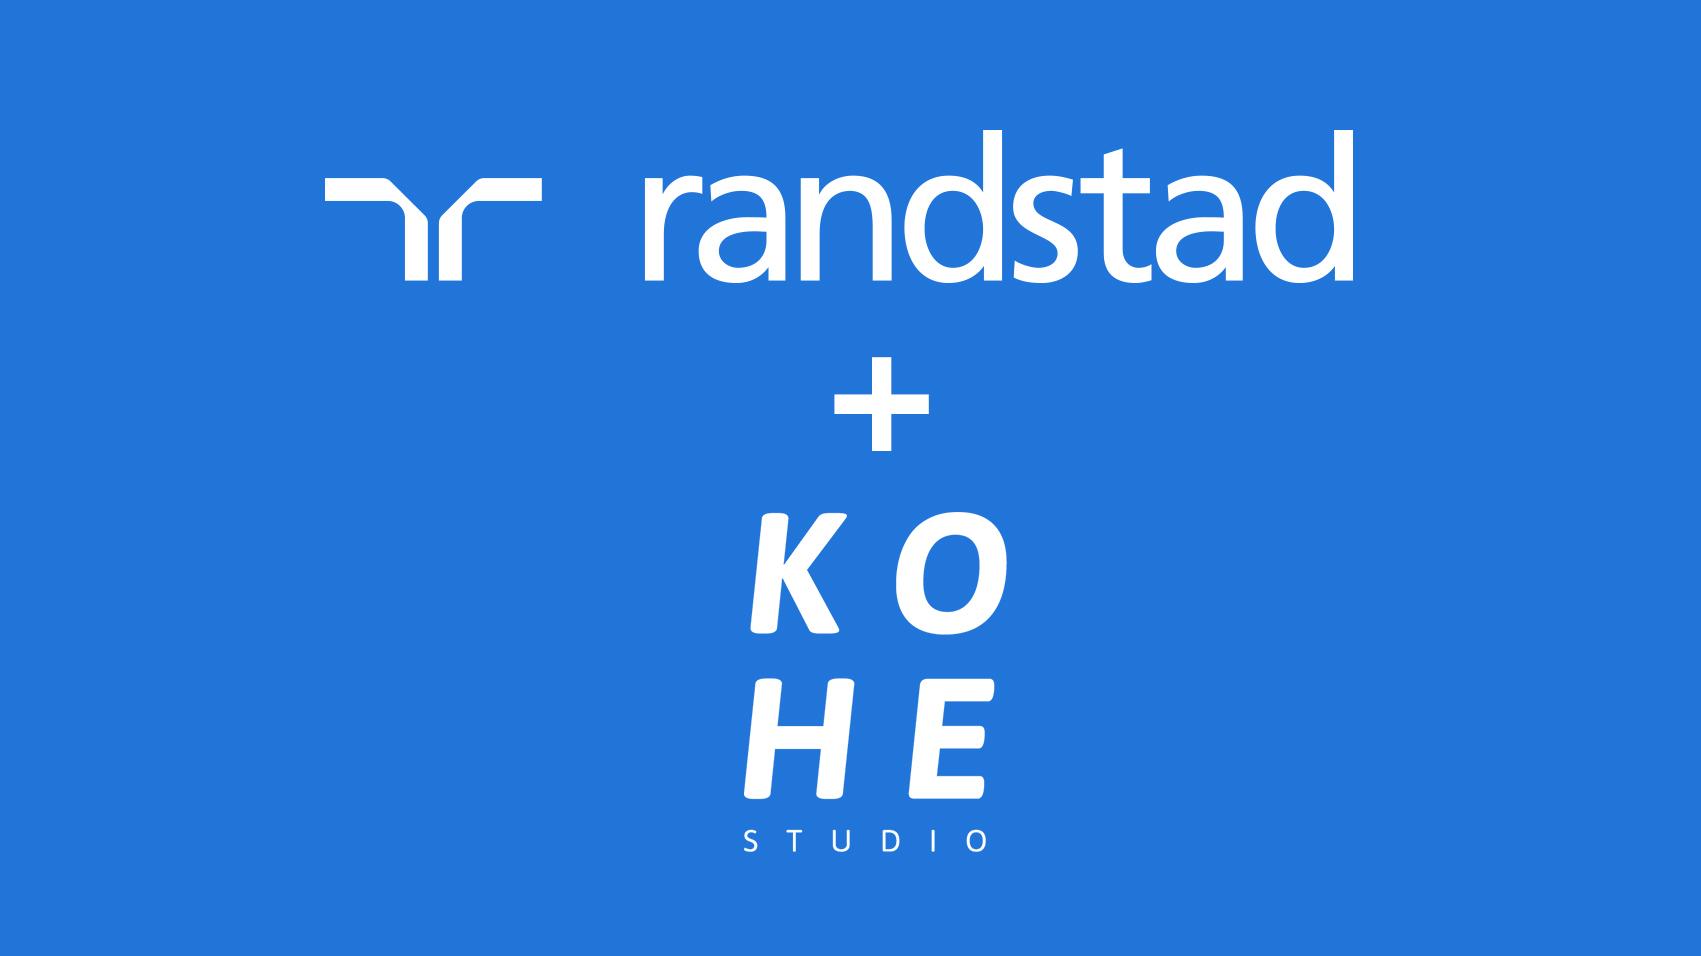 KOHE-RANDSTAD_small